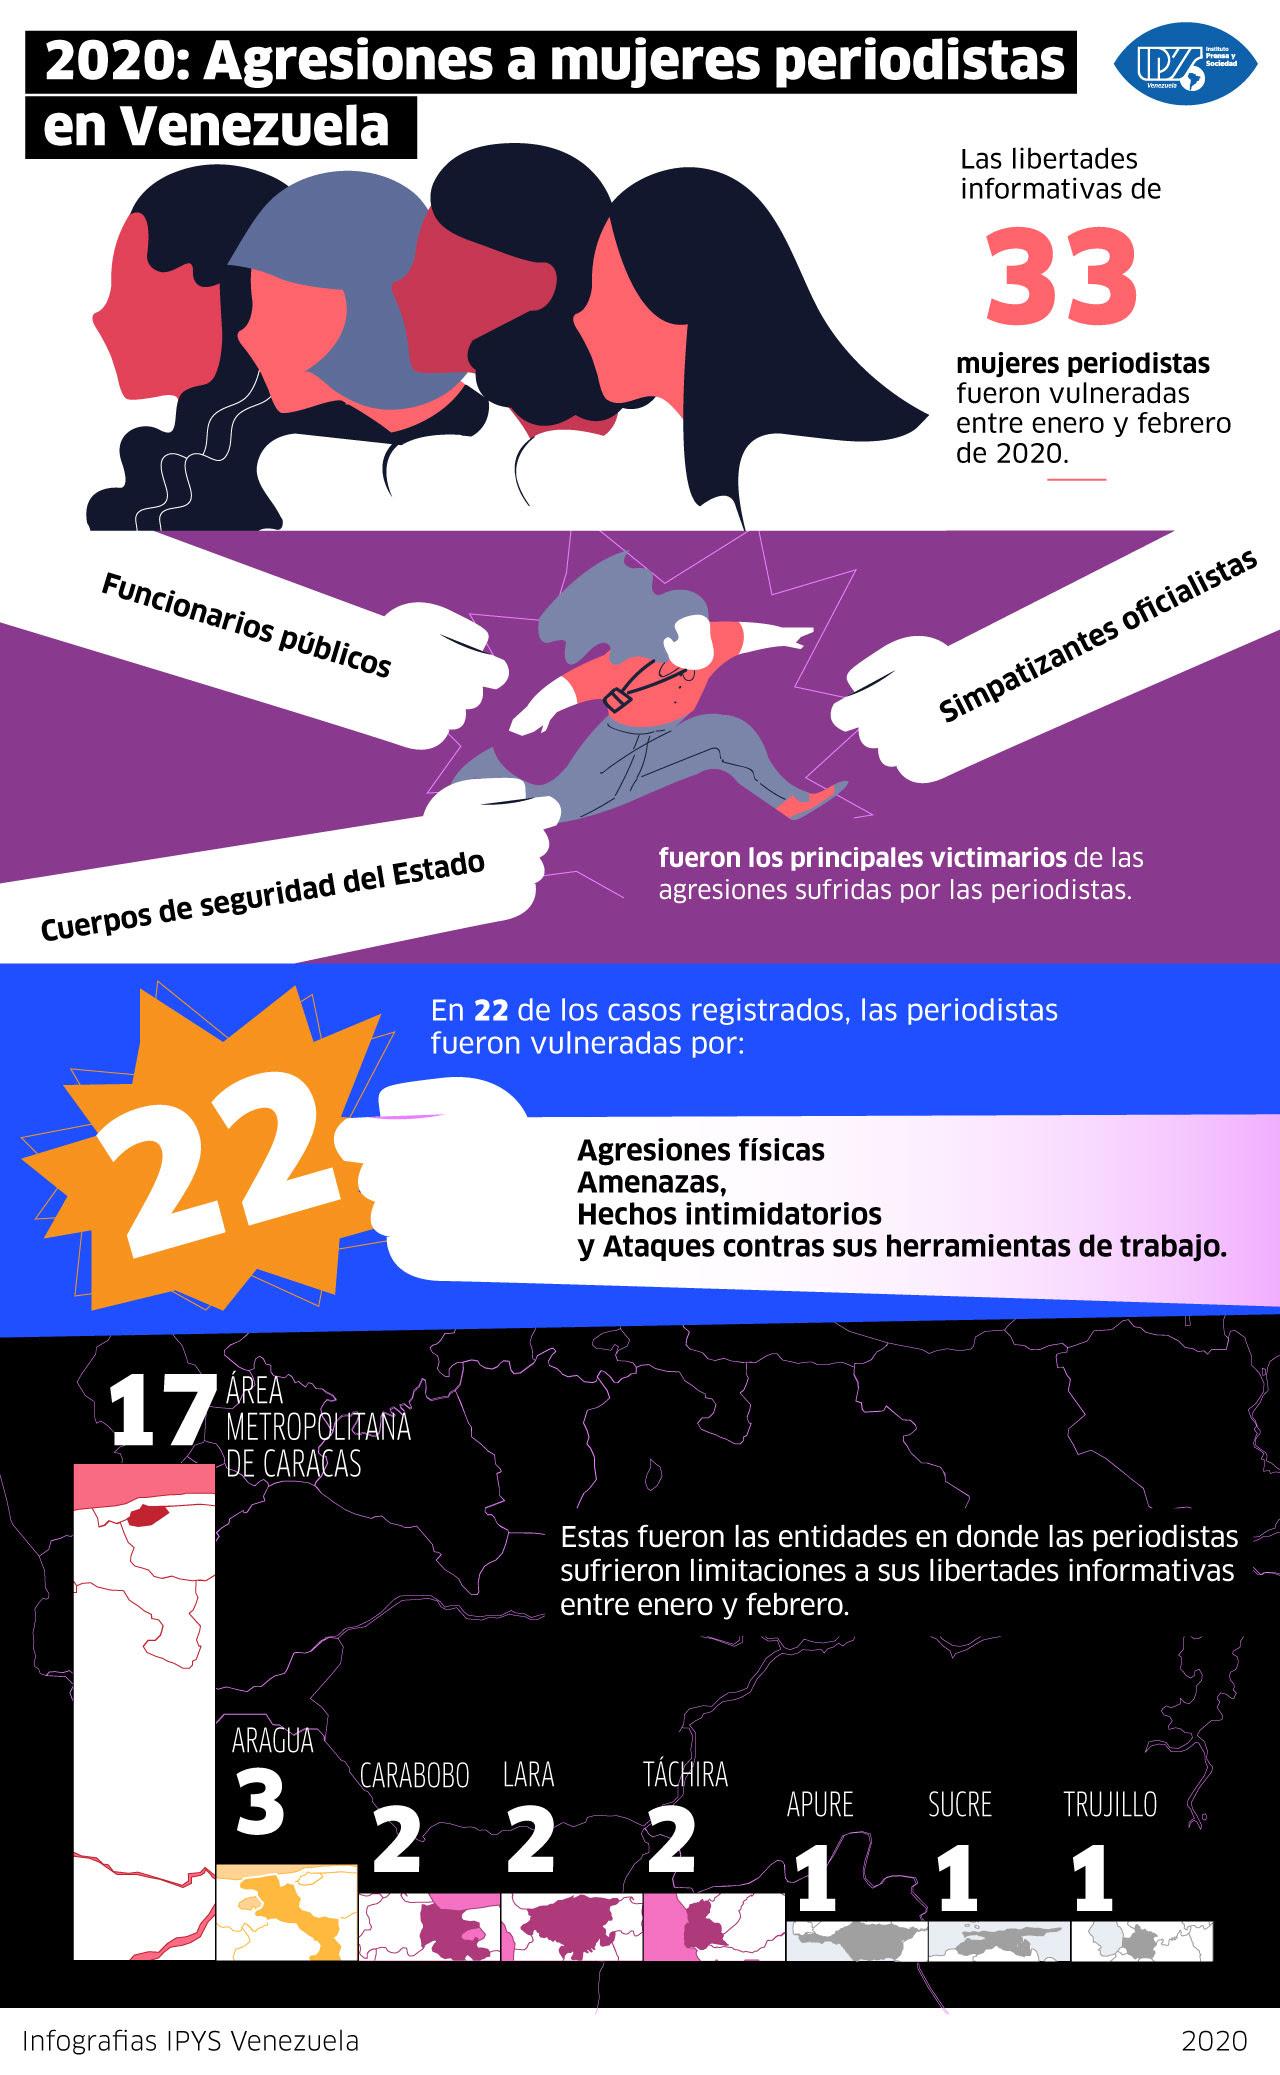 Balance Especial IPYSve | 2020: Agresiones a mujeres periodistas en Venezuela